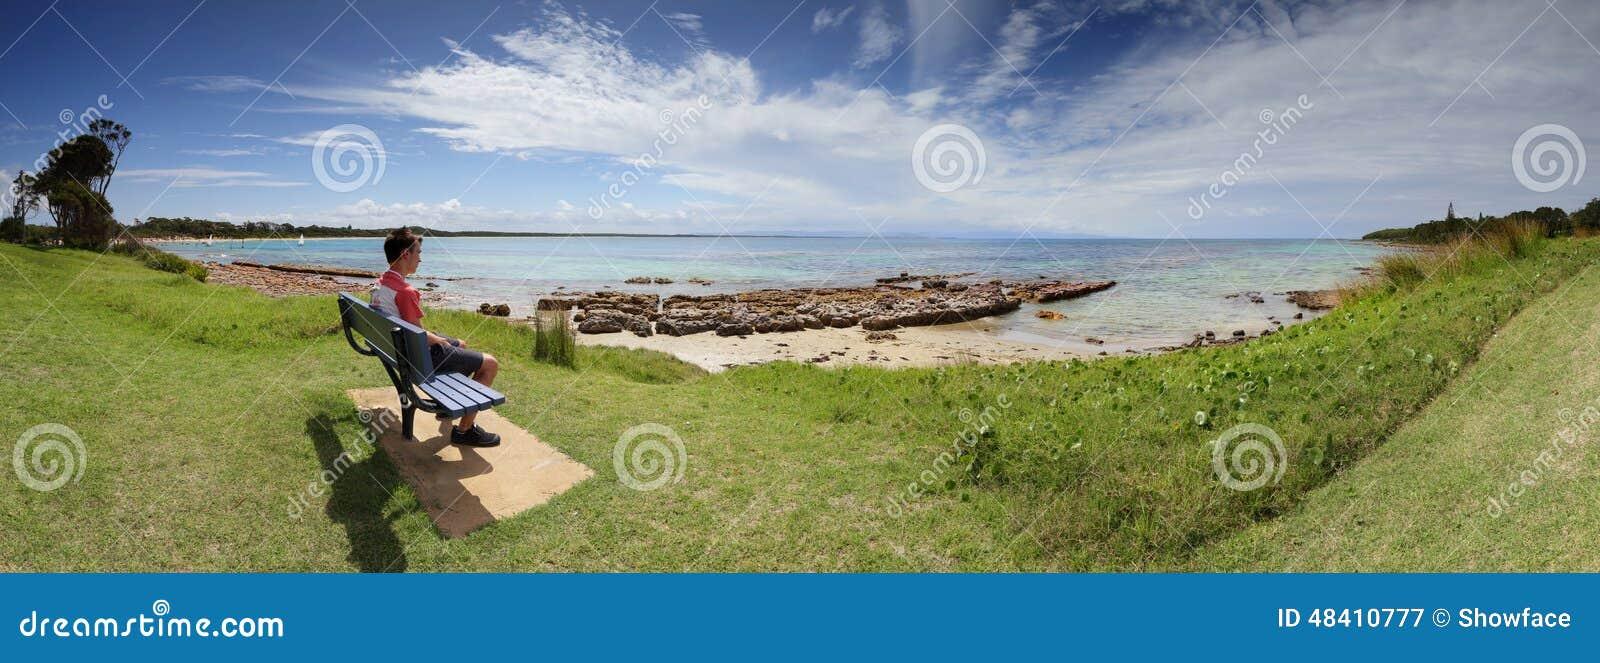 Επισκέπτης τουριστών που θαυμάζει την παραλία Αυστραλία Currarong απόψεων